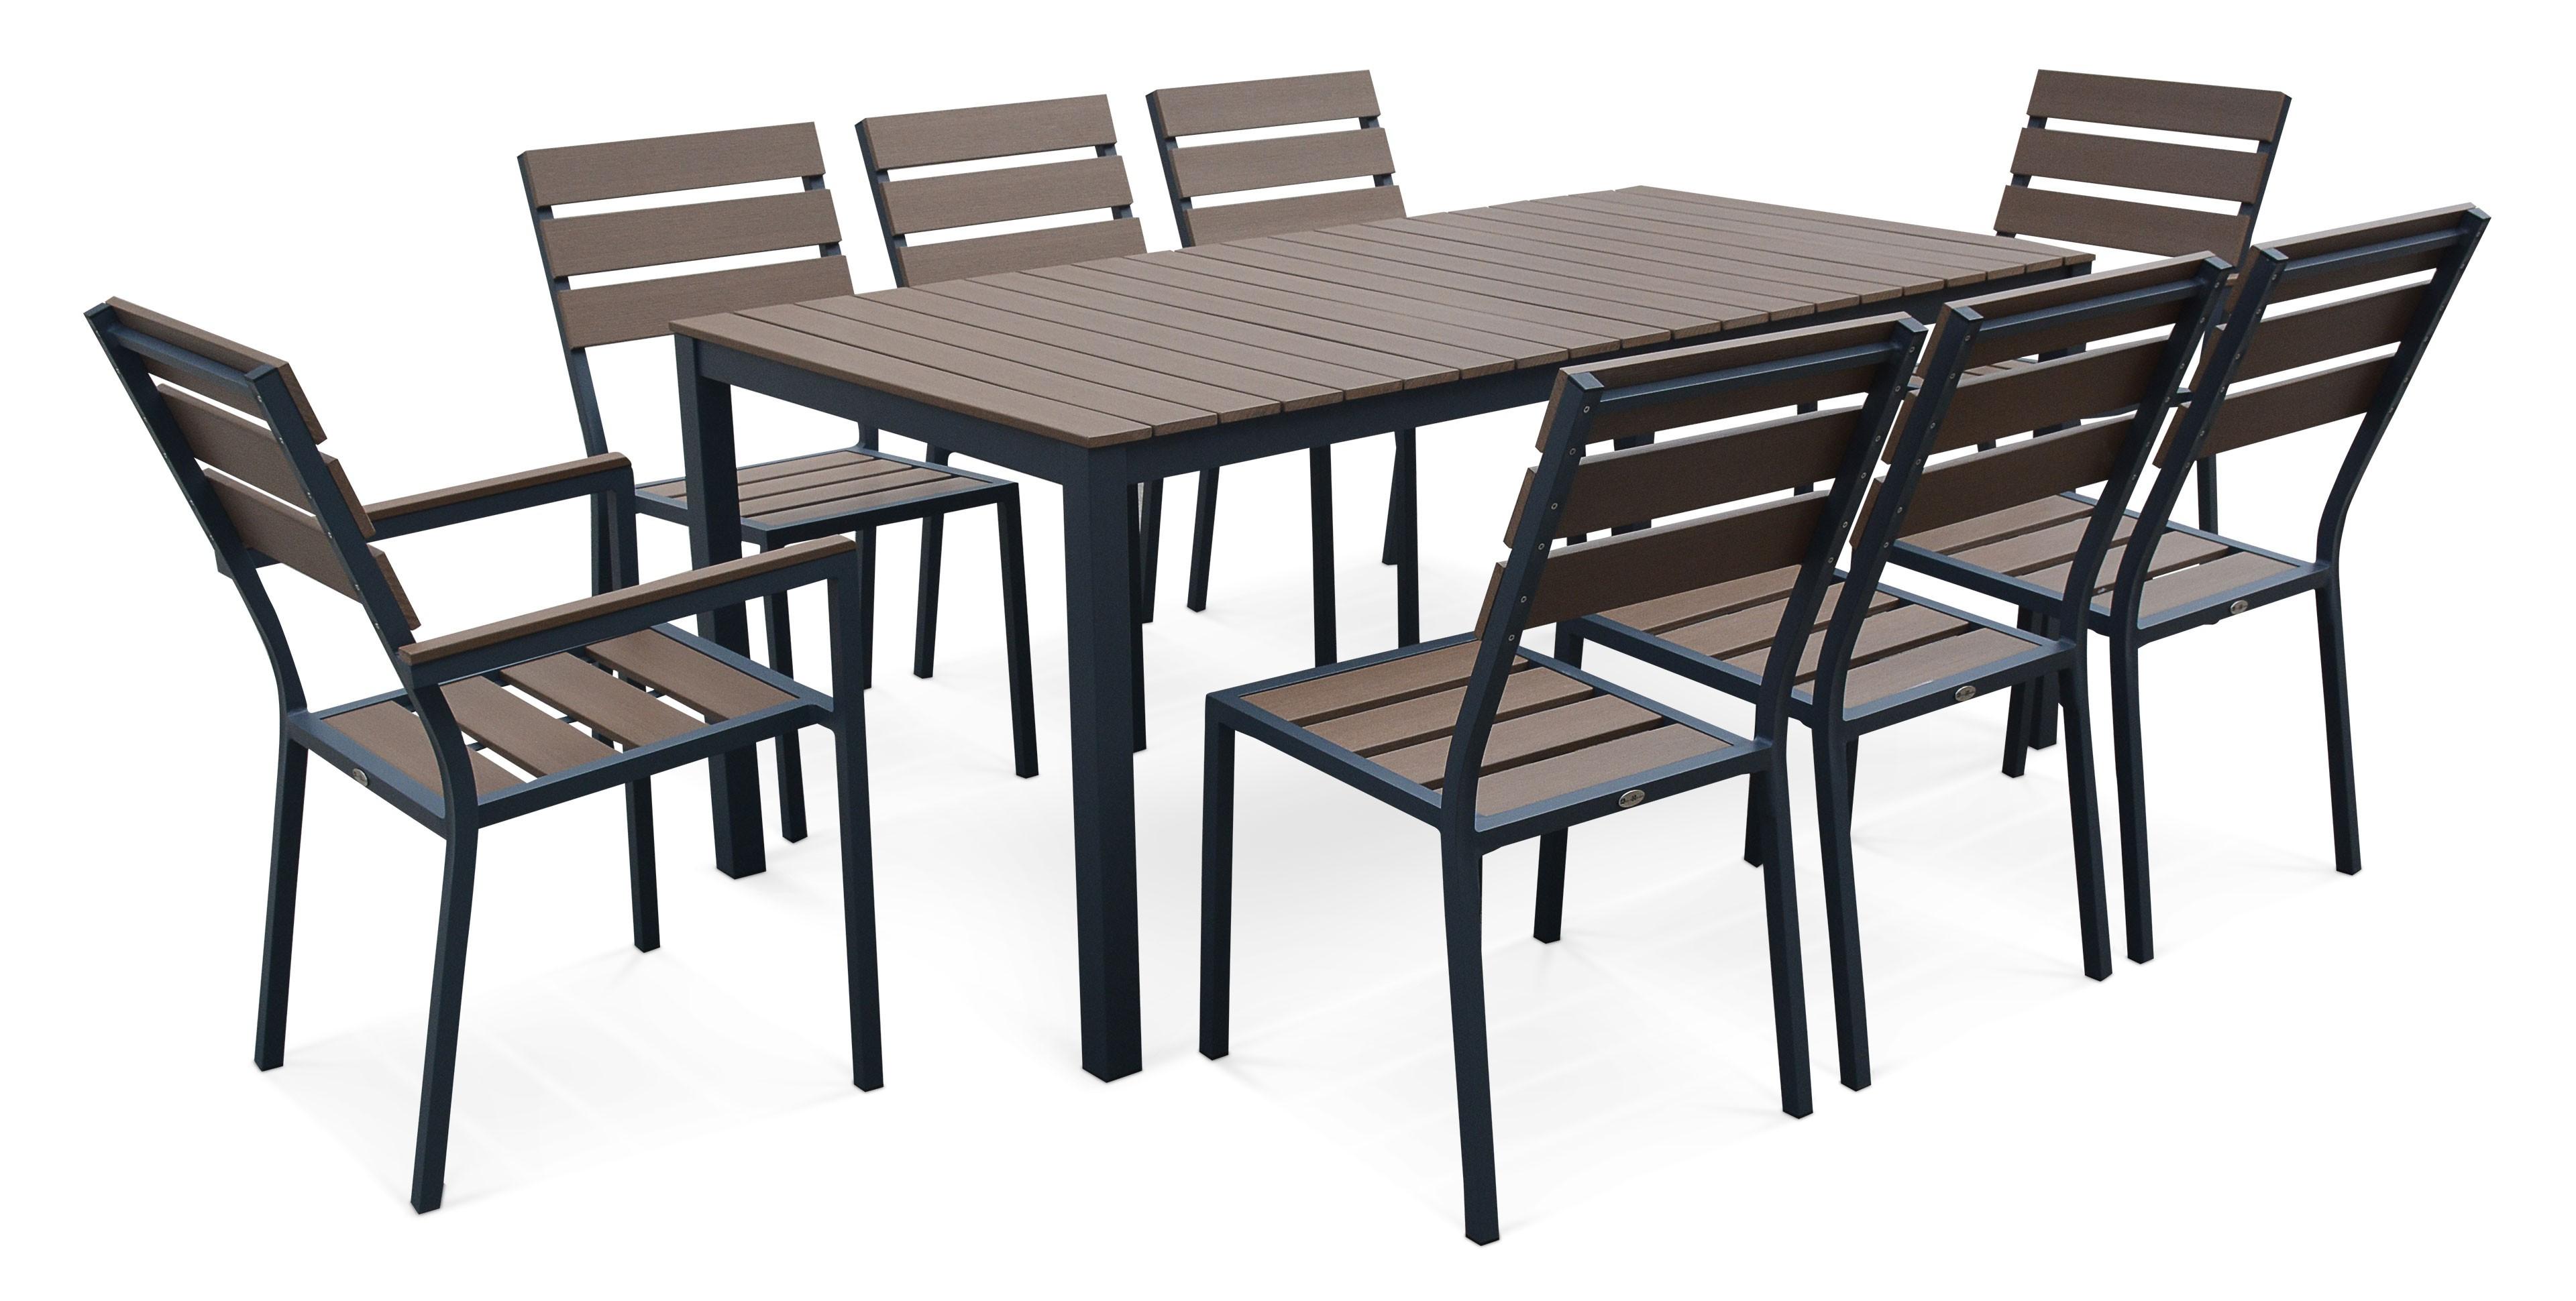 Ensemble Table Et Chaise De Jardin 4 Personnes - Veranda pour Table Jardin 4 Personnes